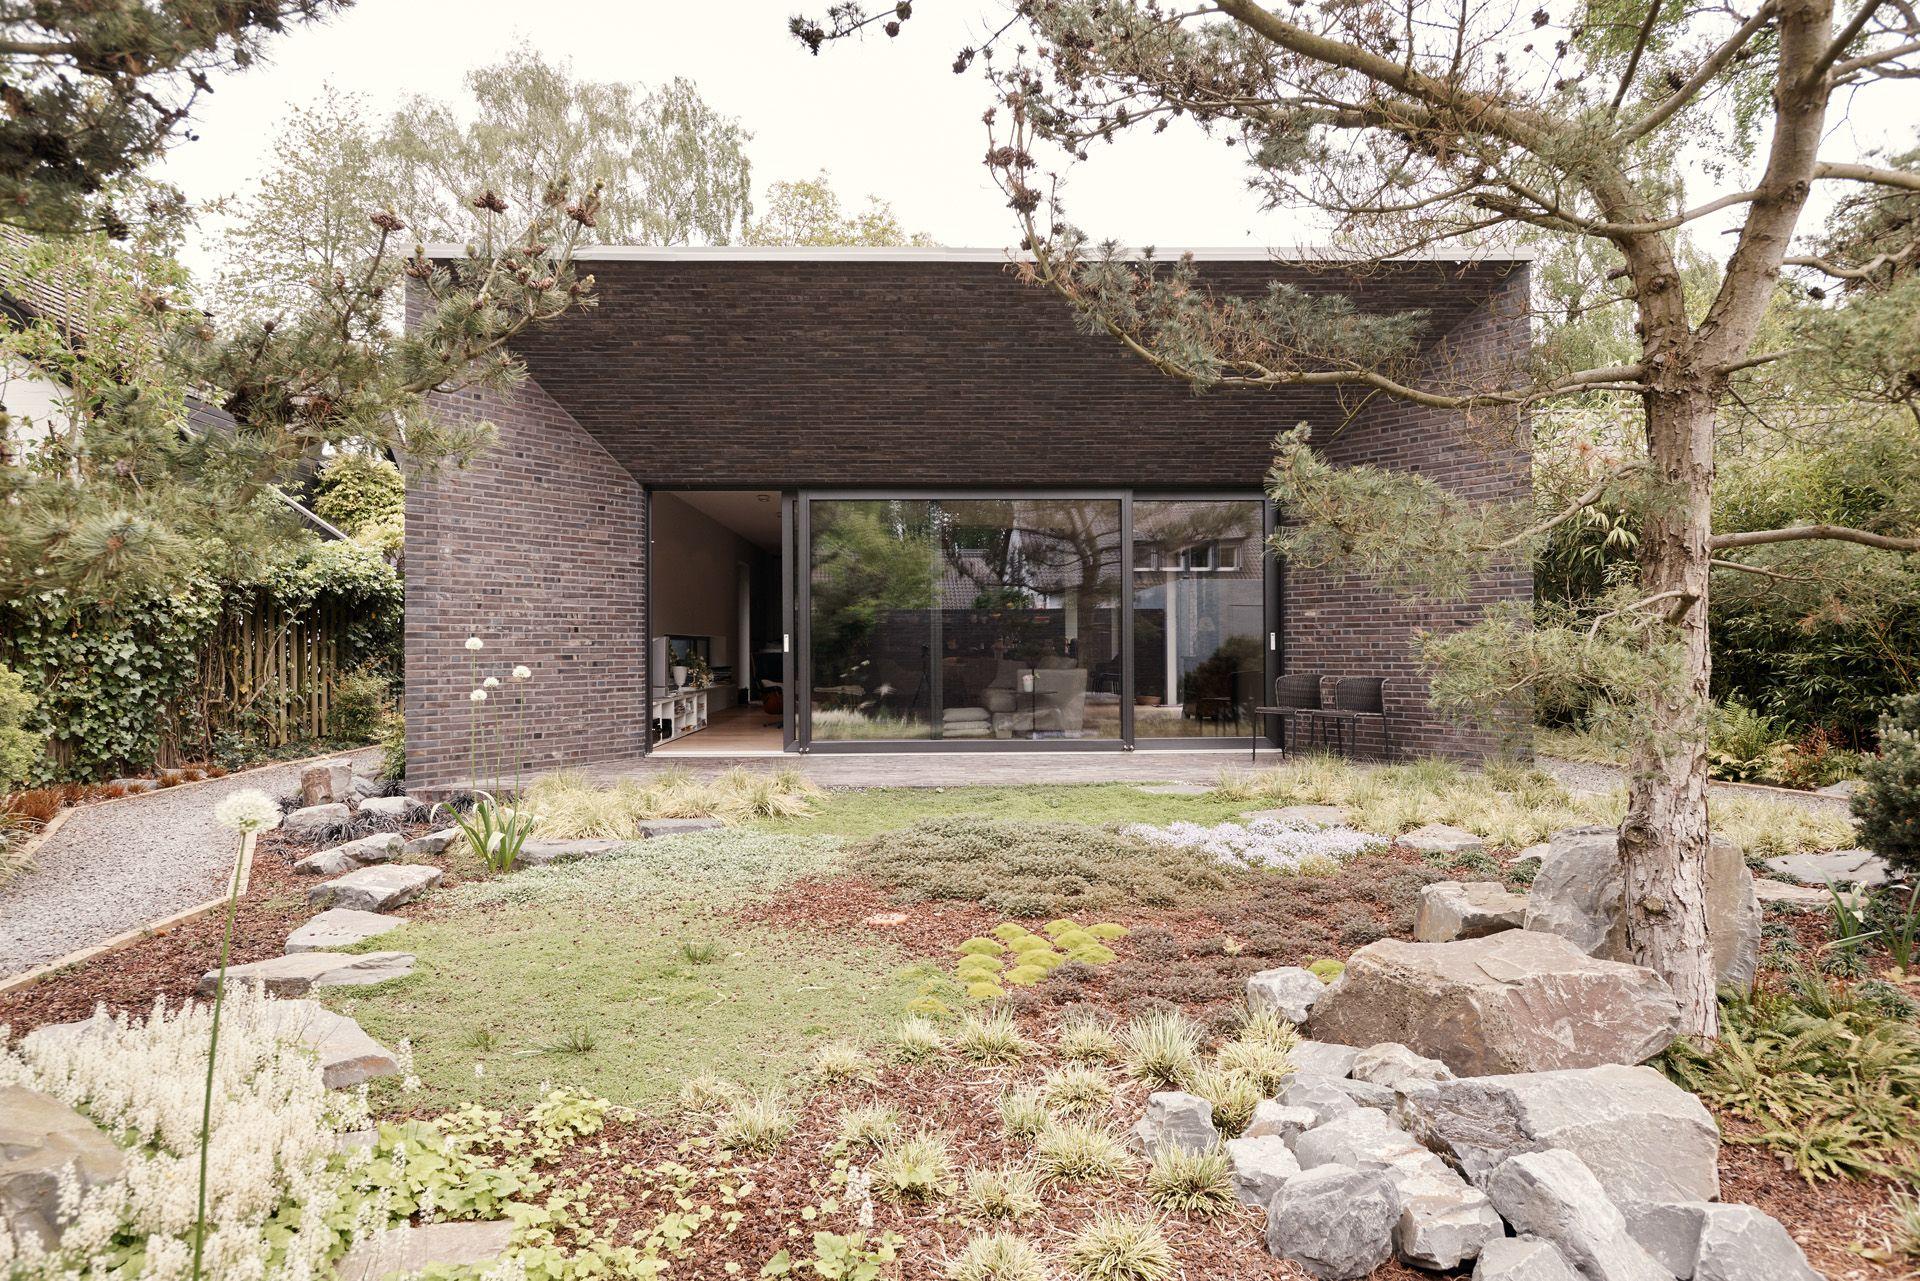 Architekten Mönchengladbach der bungalow steht in mönchengladbach und wurde den architekten